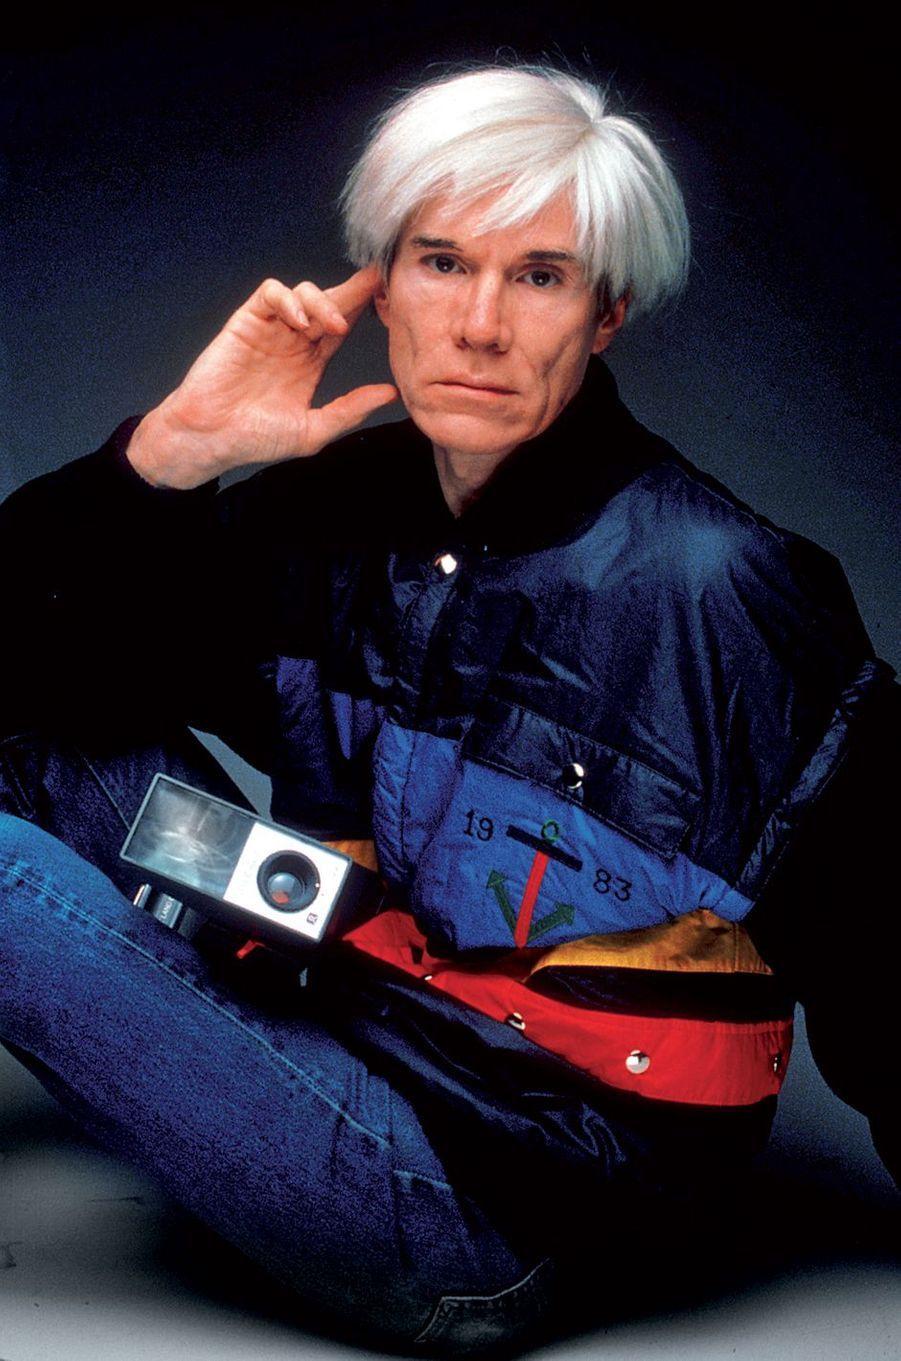 Andy Warhol en Jean-Charles de Castelbajac, photographié par Oliviero Toscani.